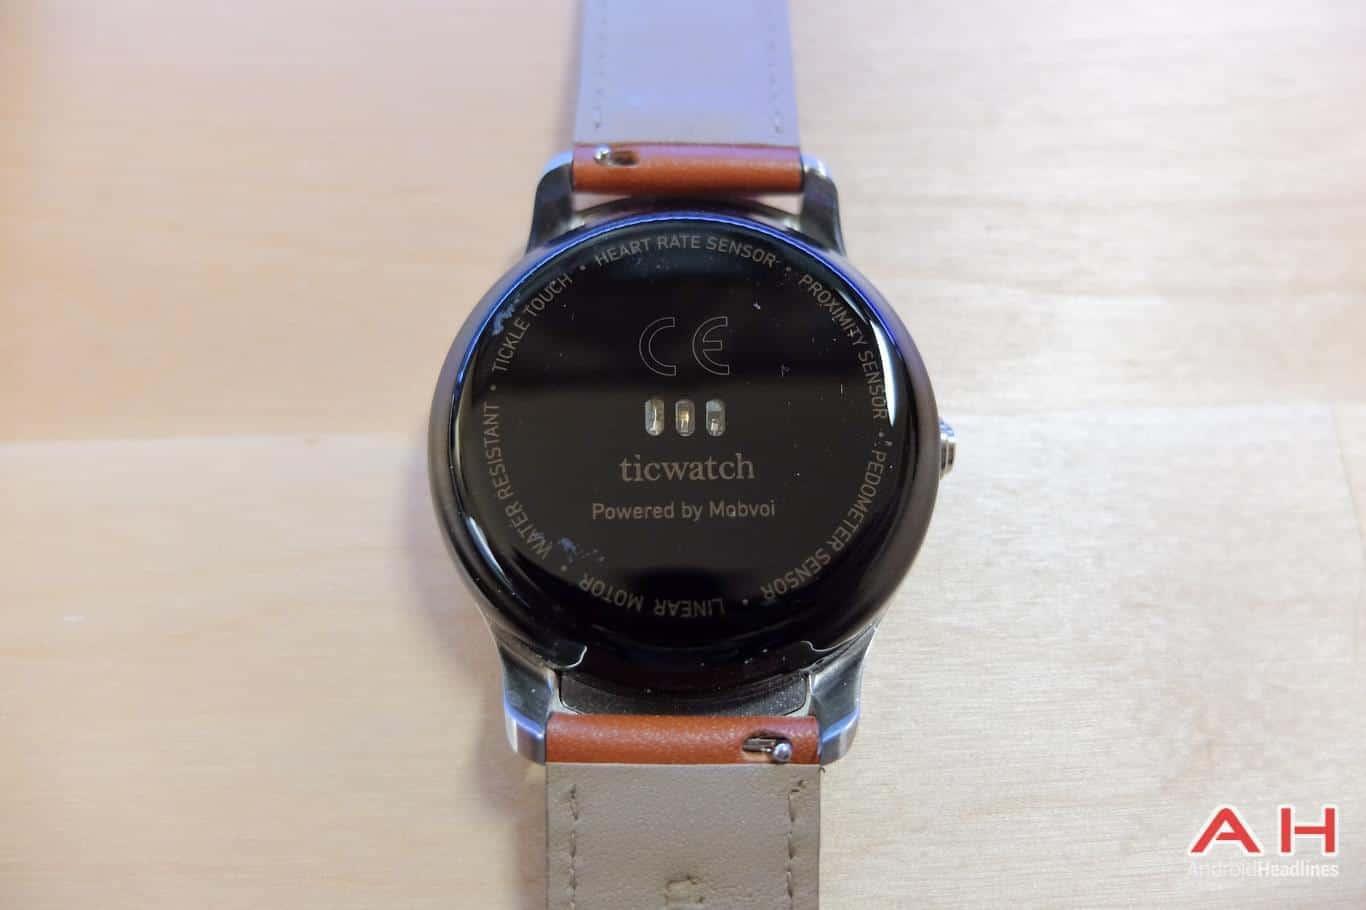 Ticwatch 2 AH TD 7